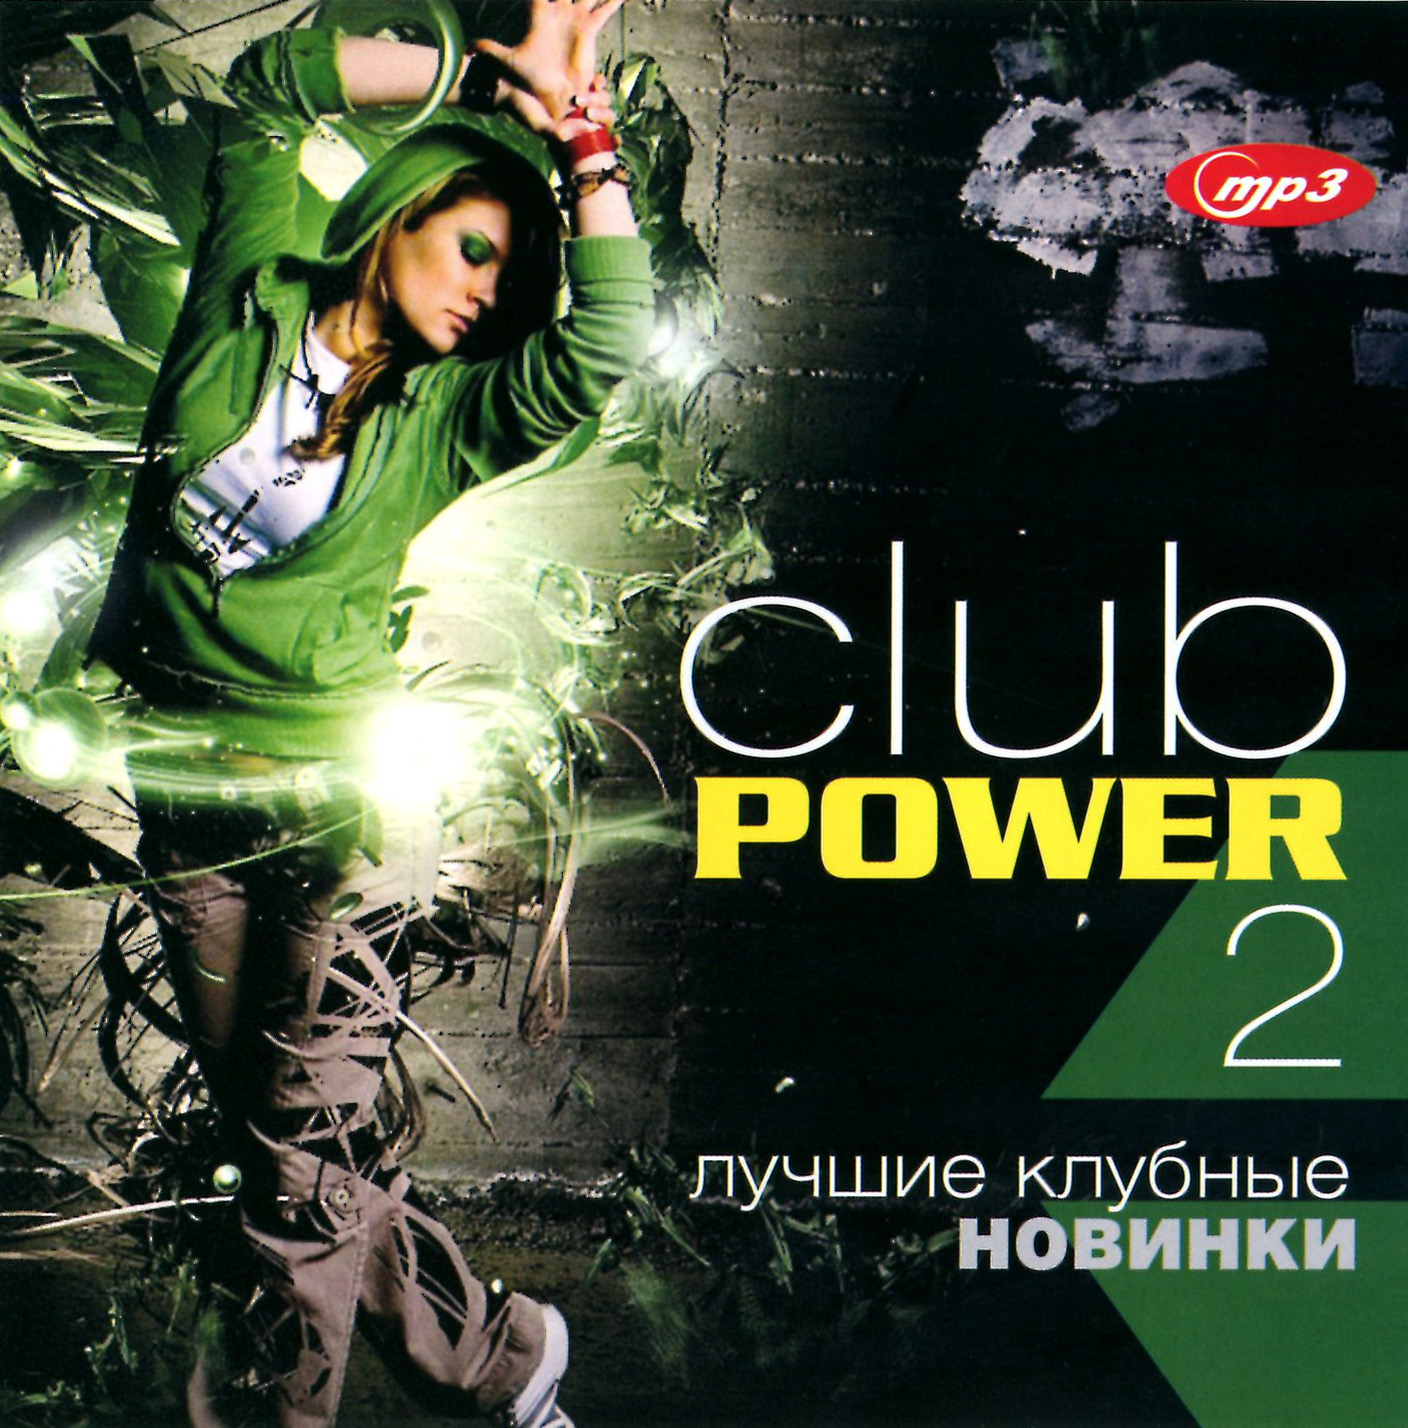 Club Power - Лучшие клубные новинки [mp3]